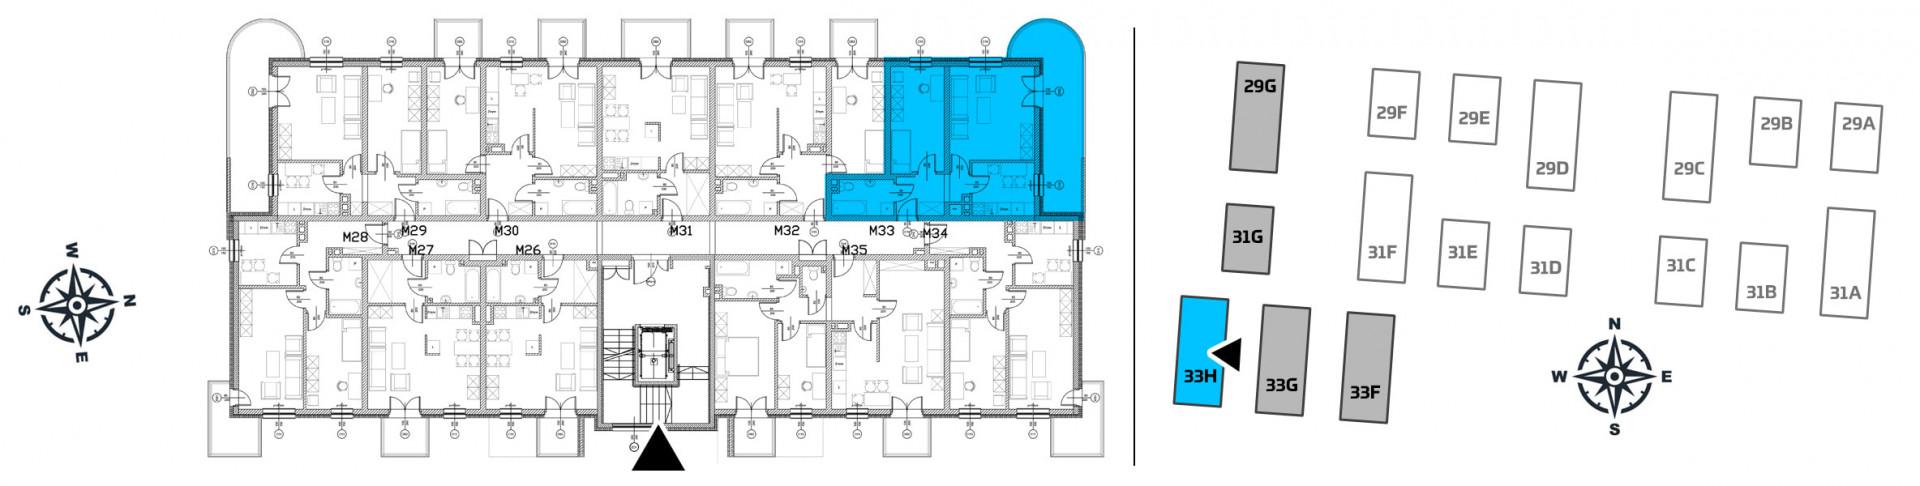 Mieszkanie dwupokojowe 33H/33 rzut 2